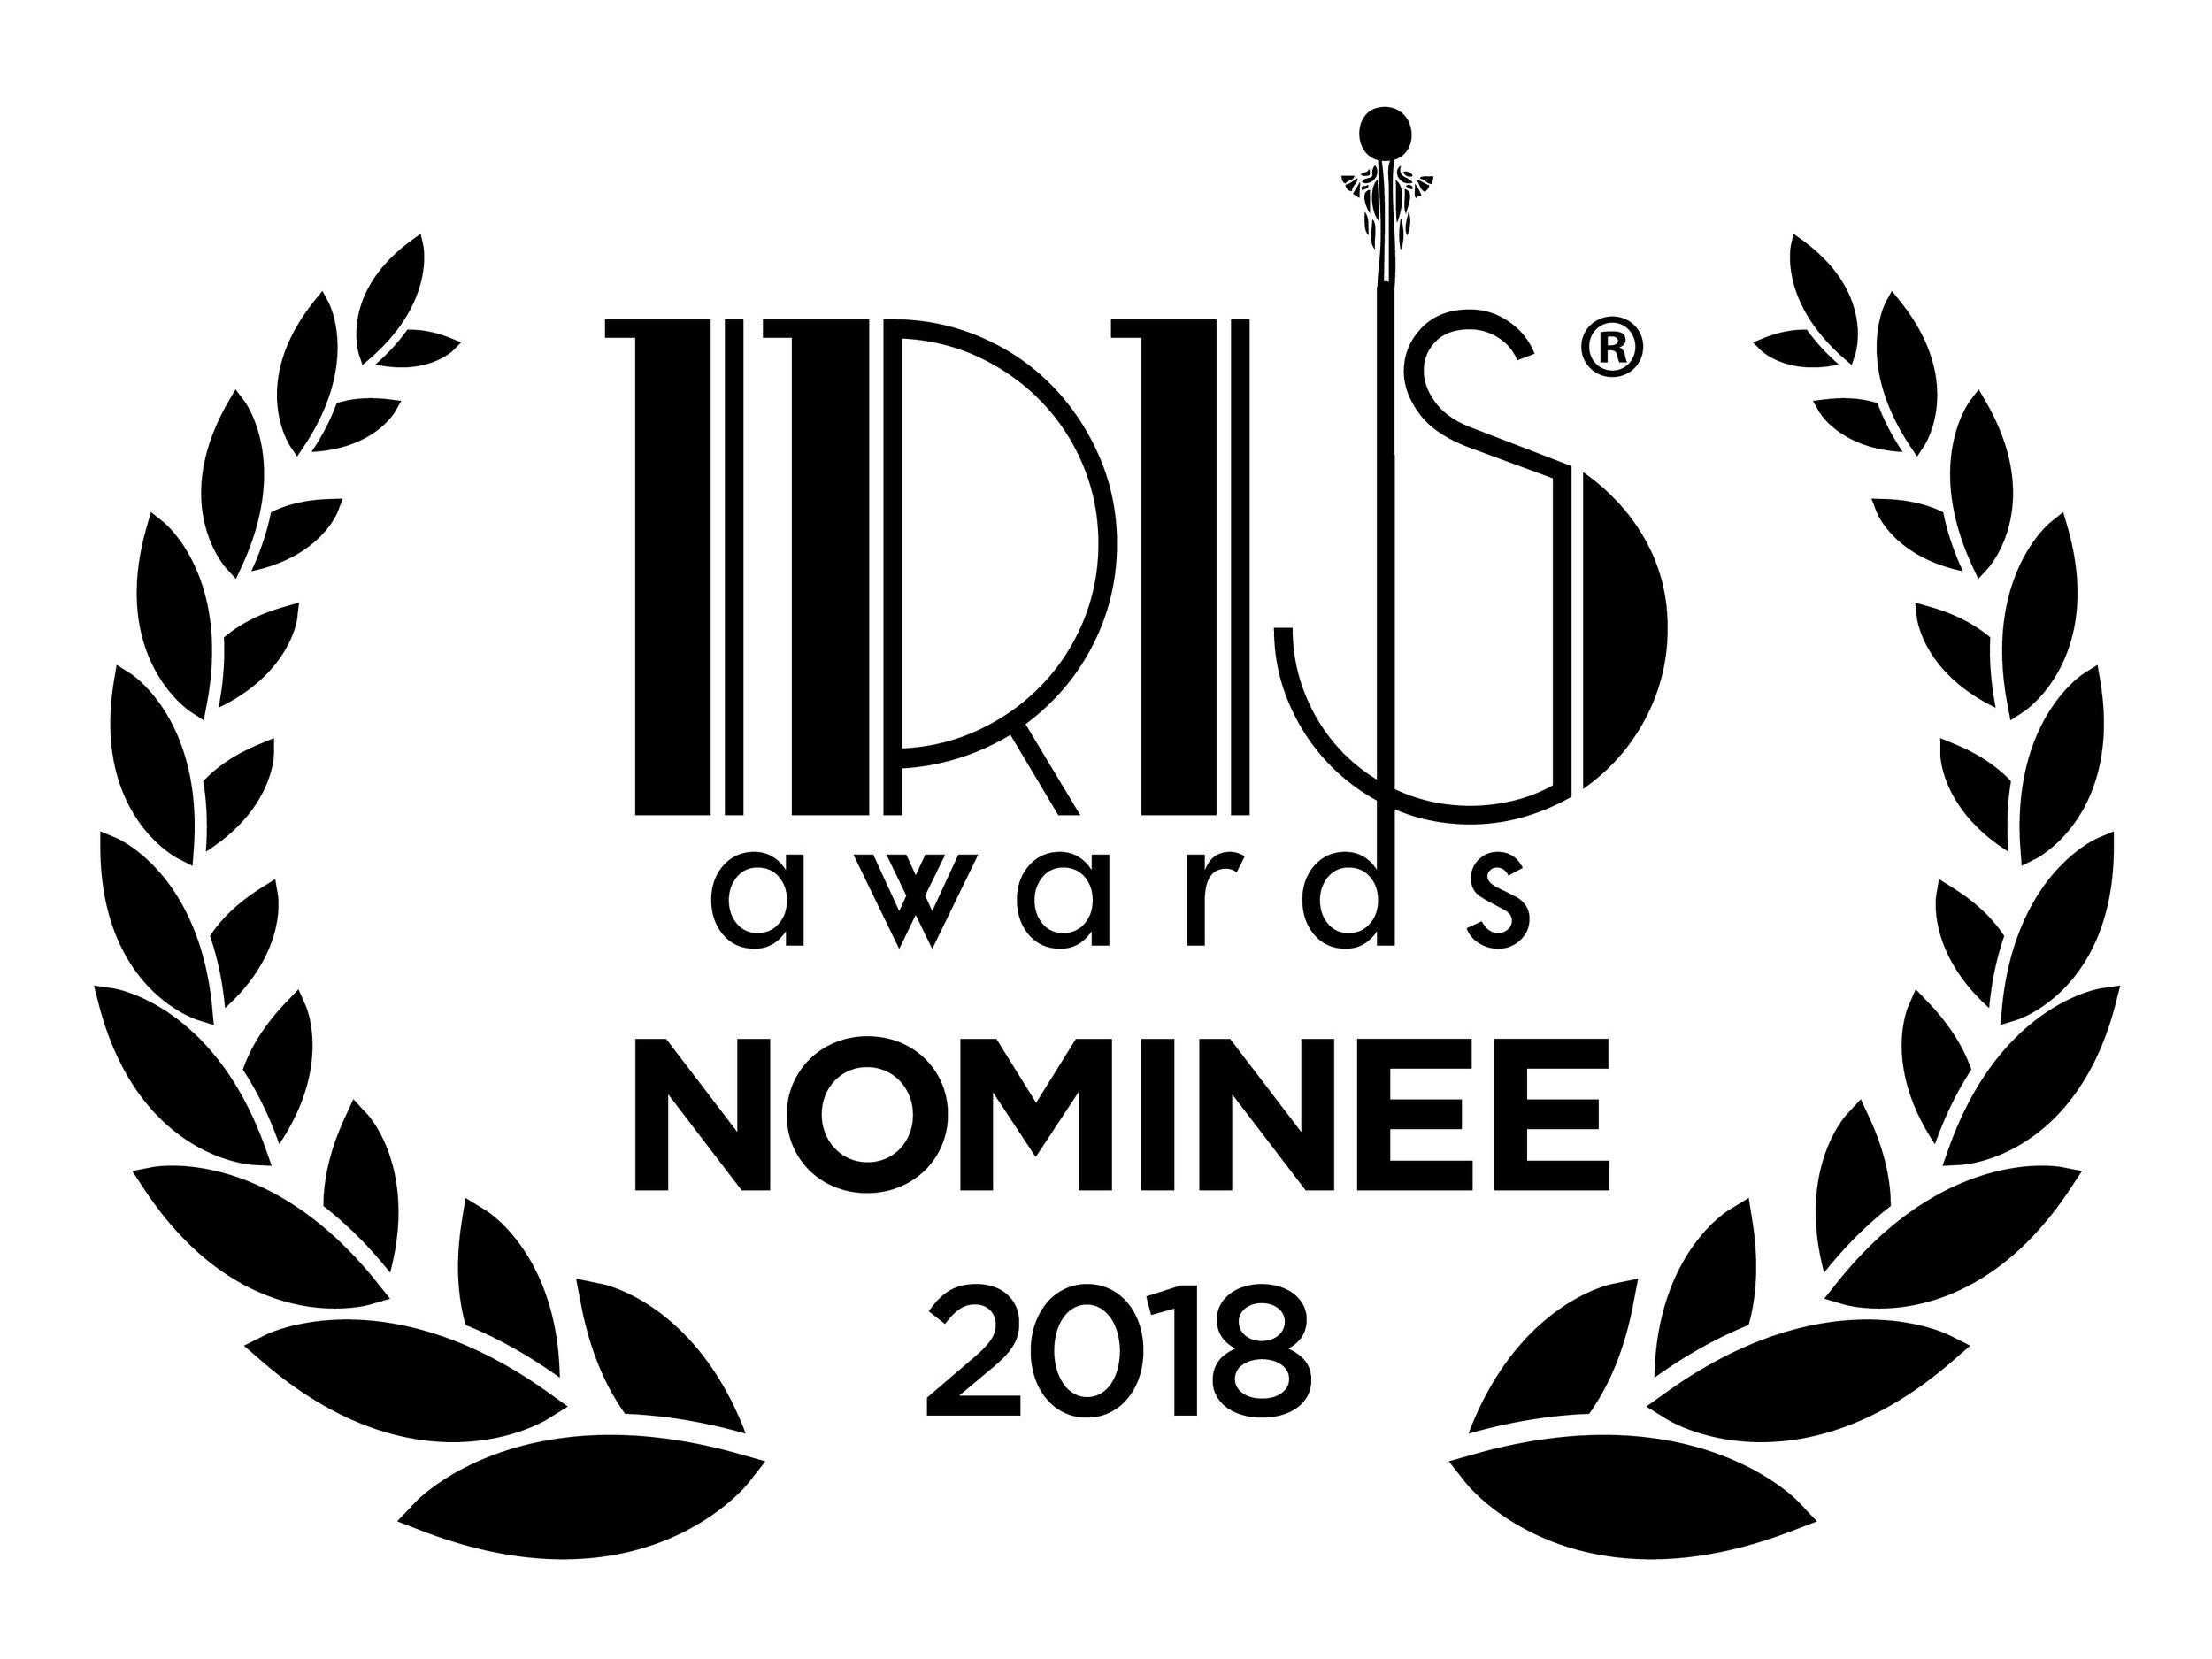 Iris Awards Nominee 2018